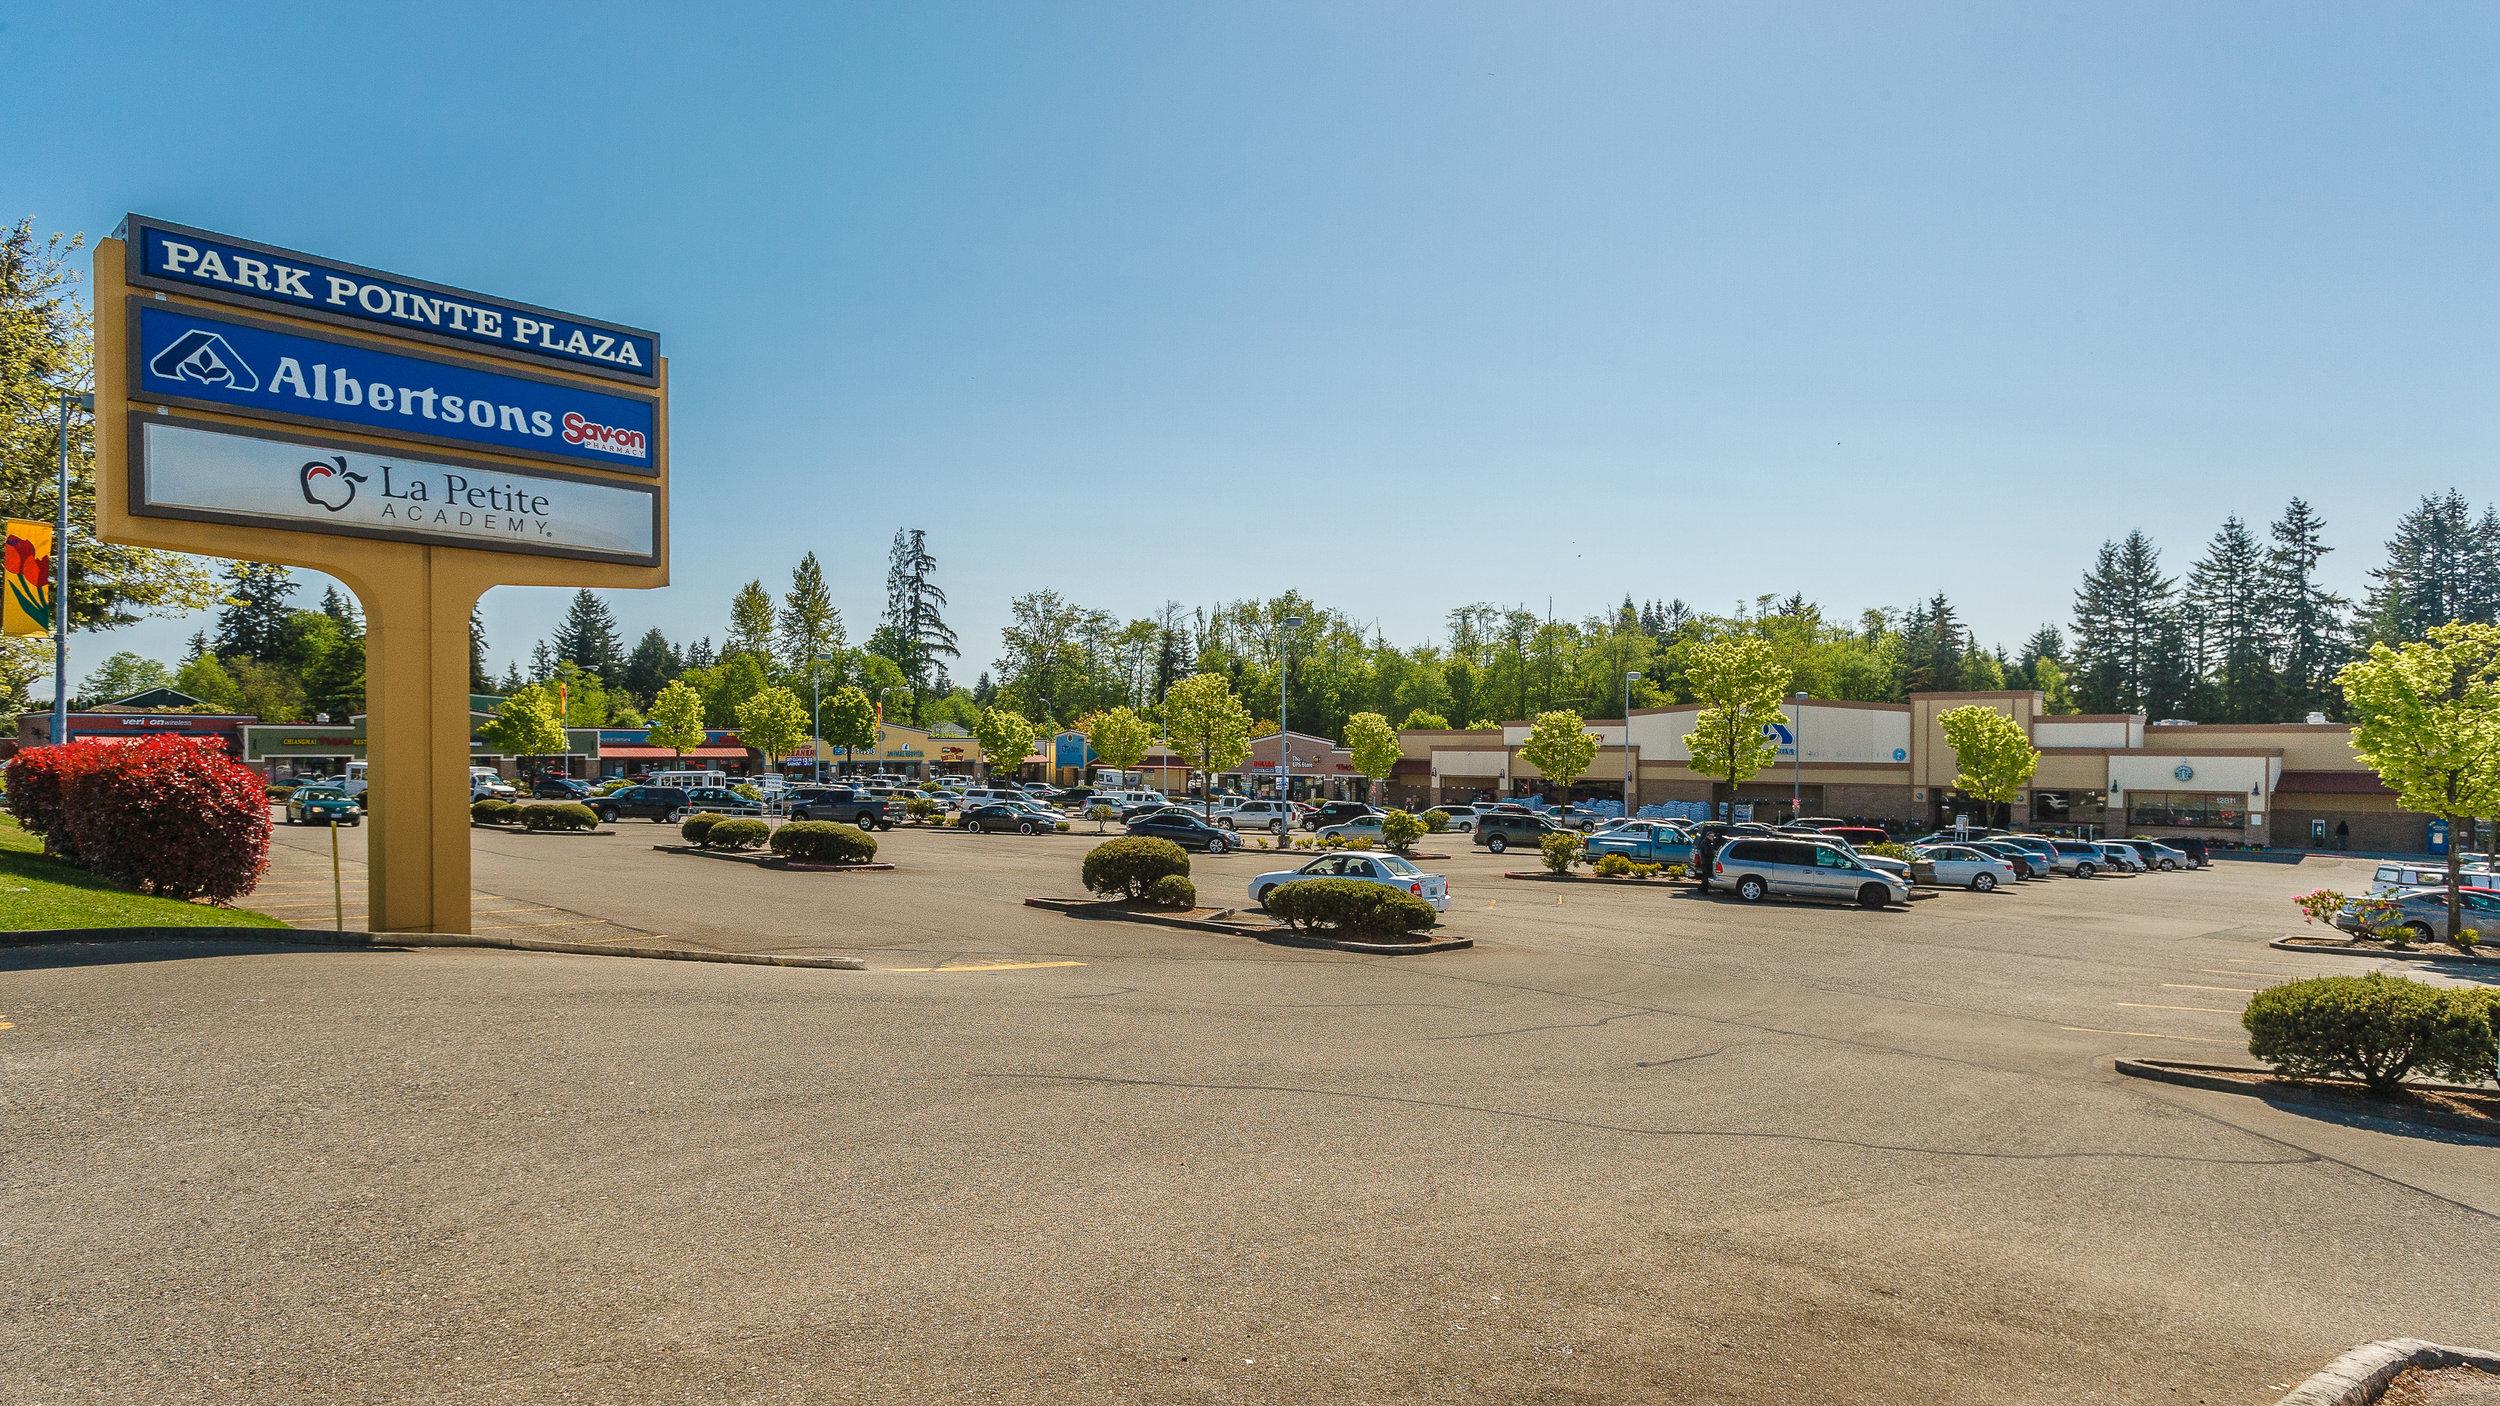 Park Pointe Plaza.jpg